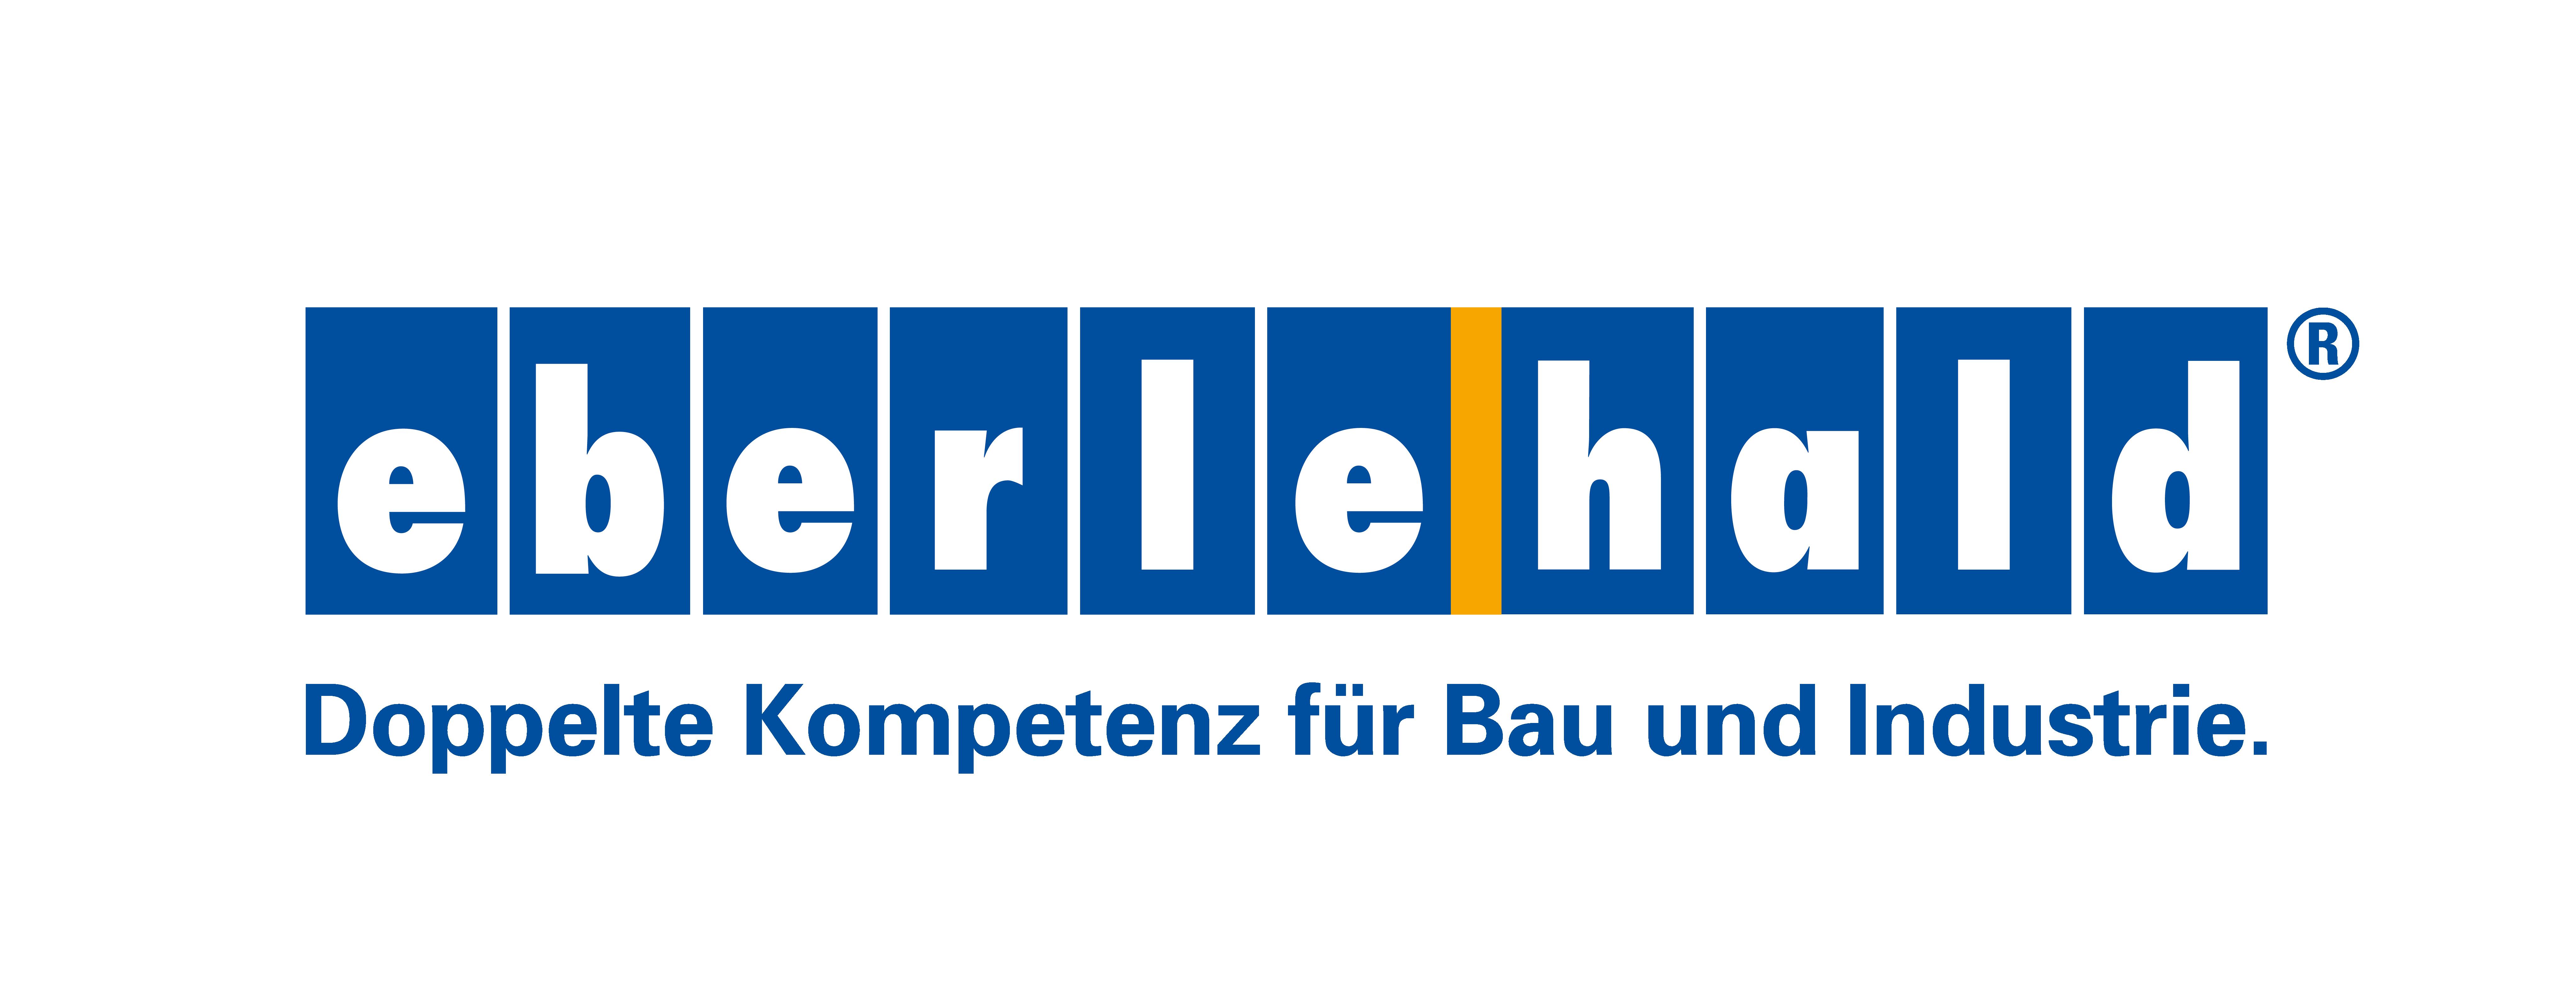 eberle-hald Handel und Dienstleistungen Bühl GmbH